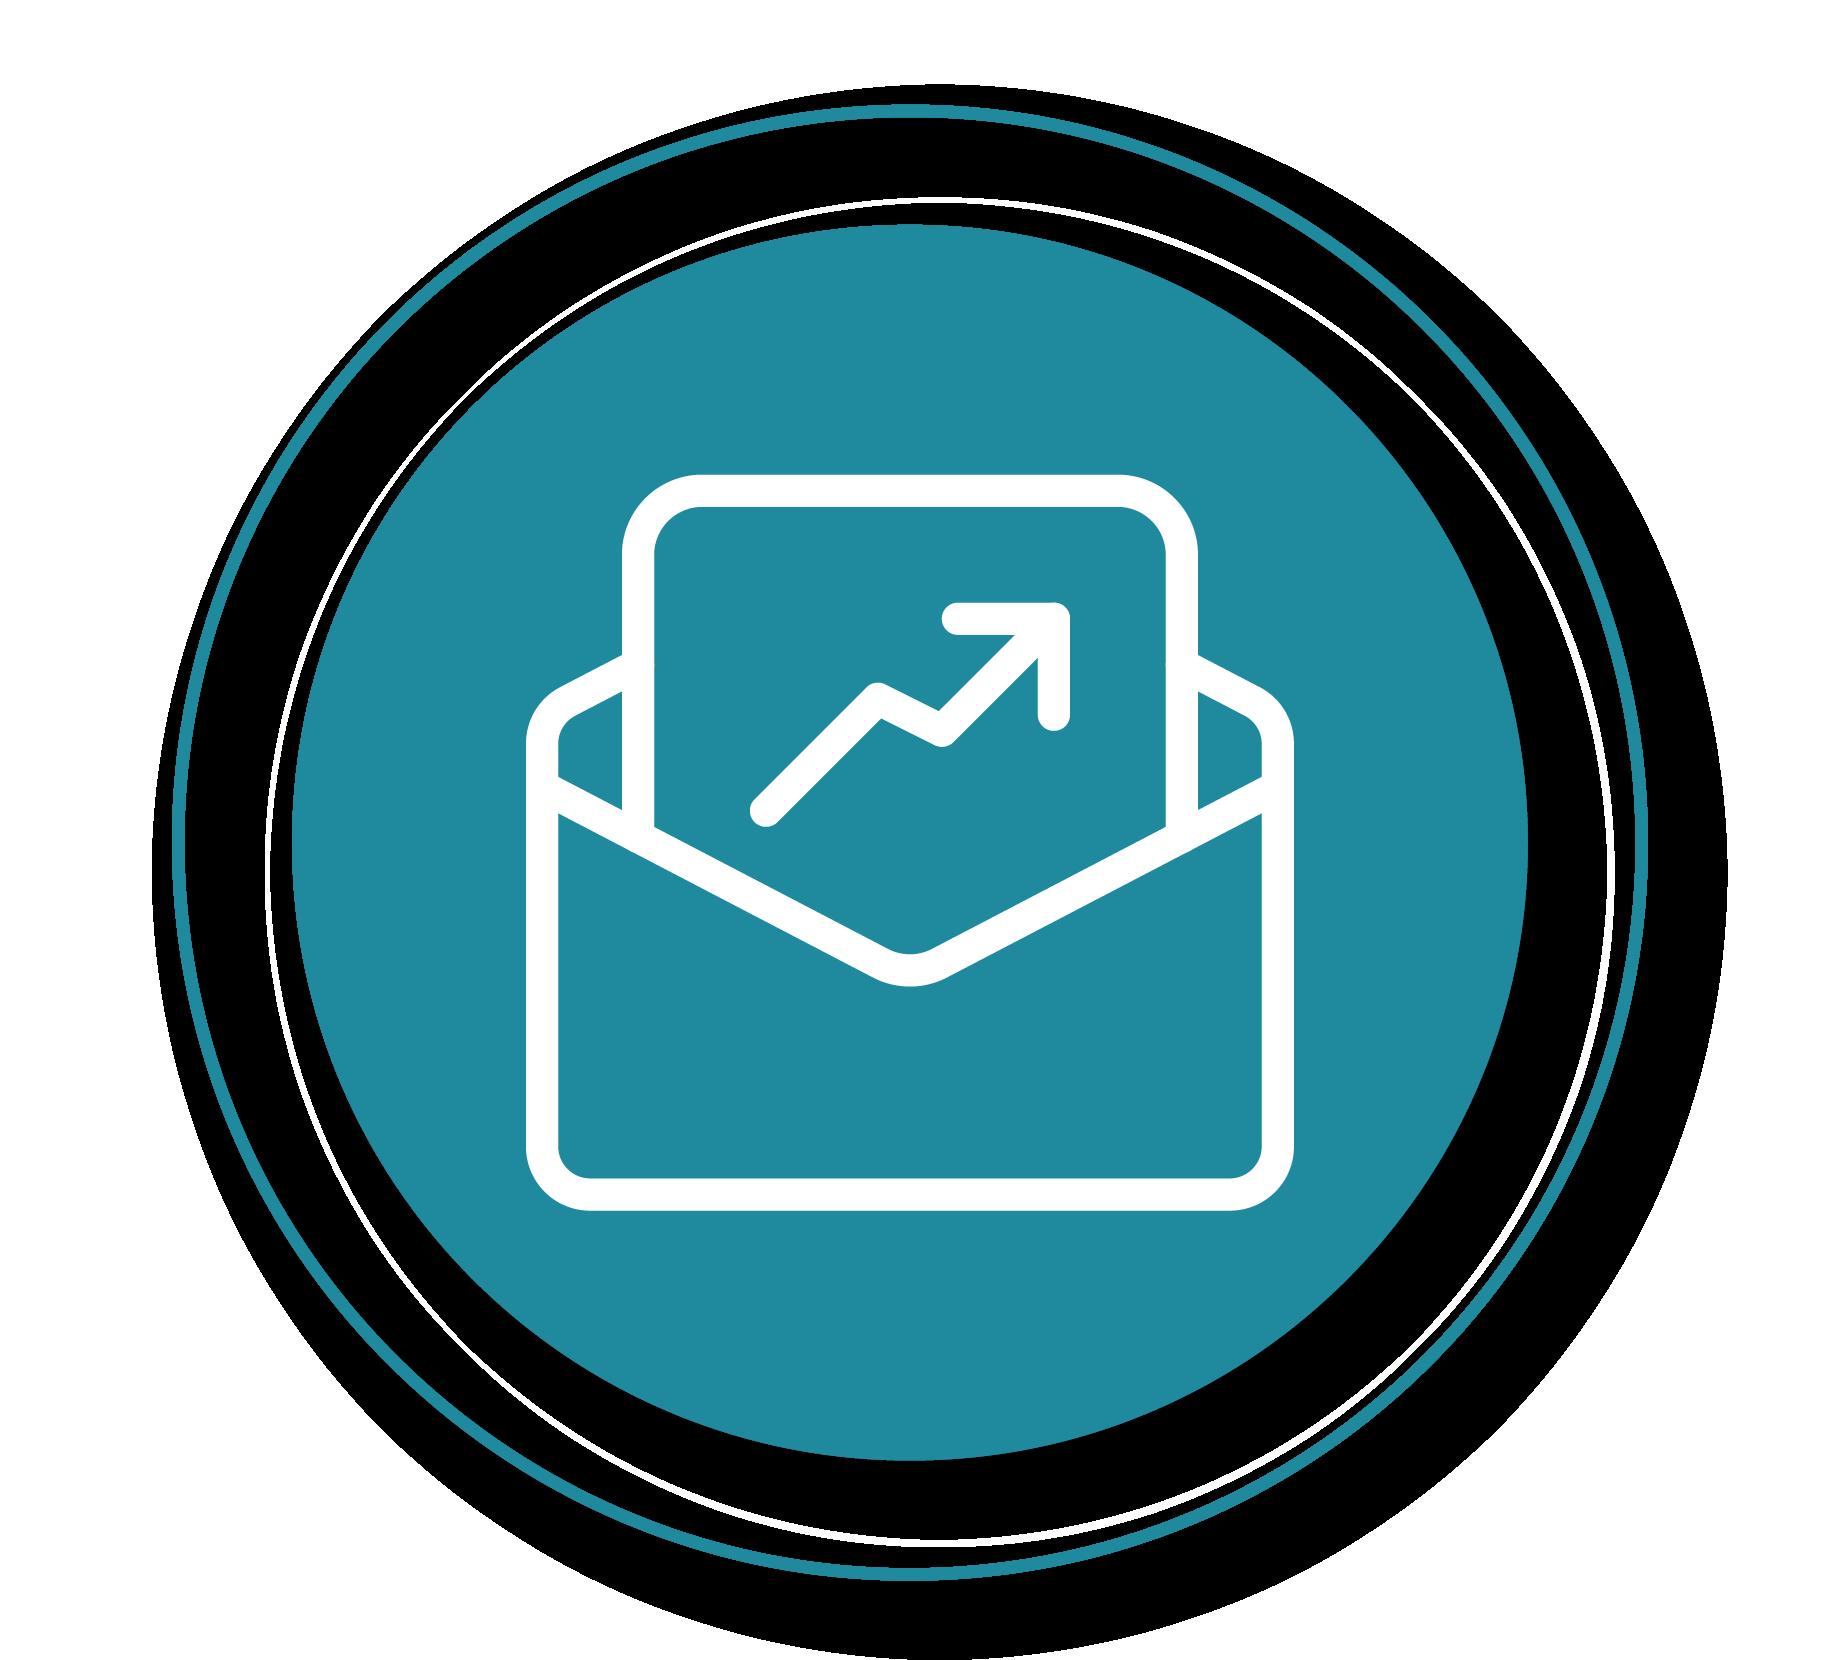 email icon with upward arrow